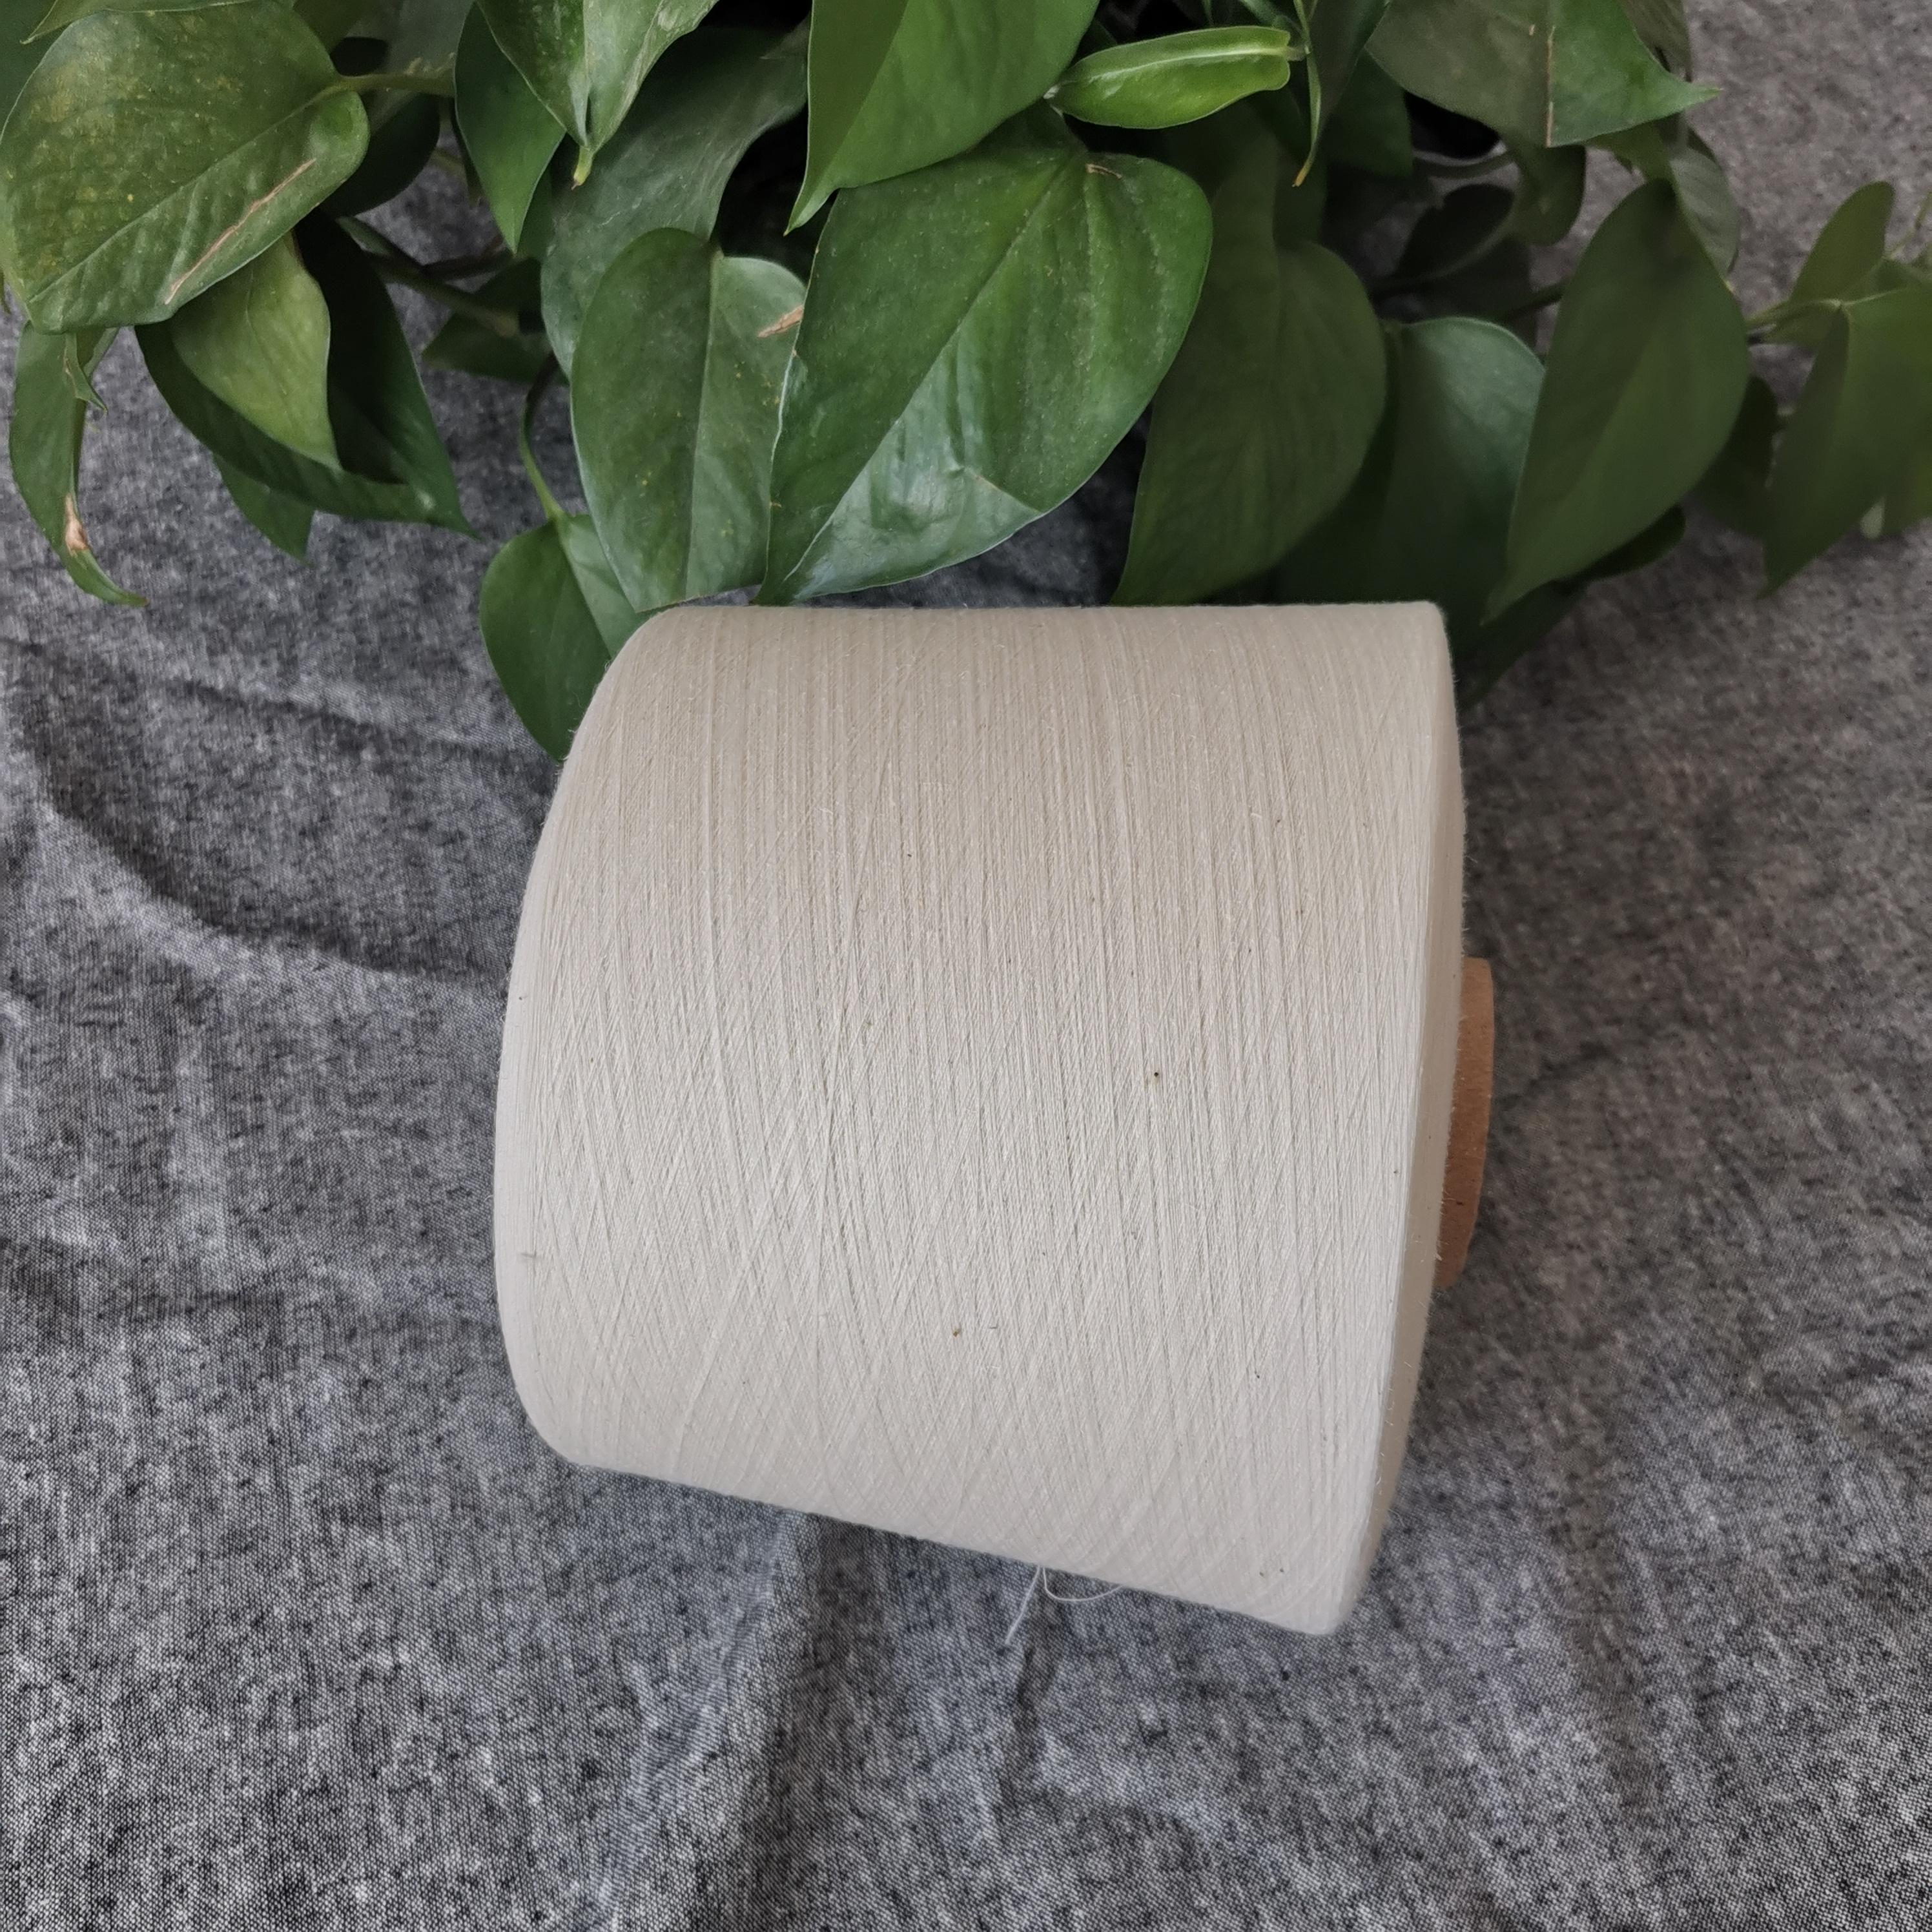 30% конопляная 70% Органическая хлопчатобумажная пряжа 40S Компактная и siro Спиннинг для плетения и вязания